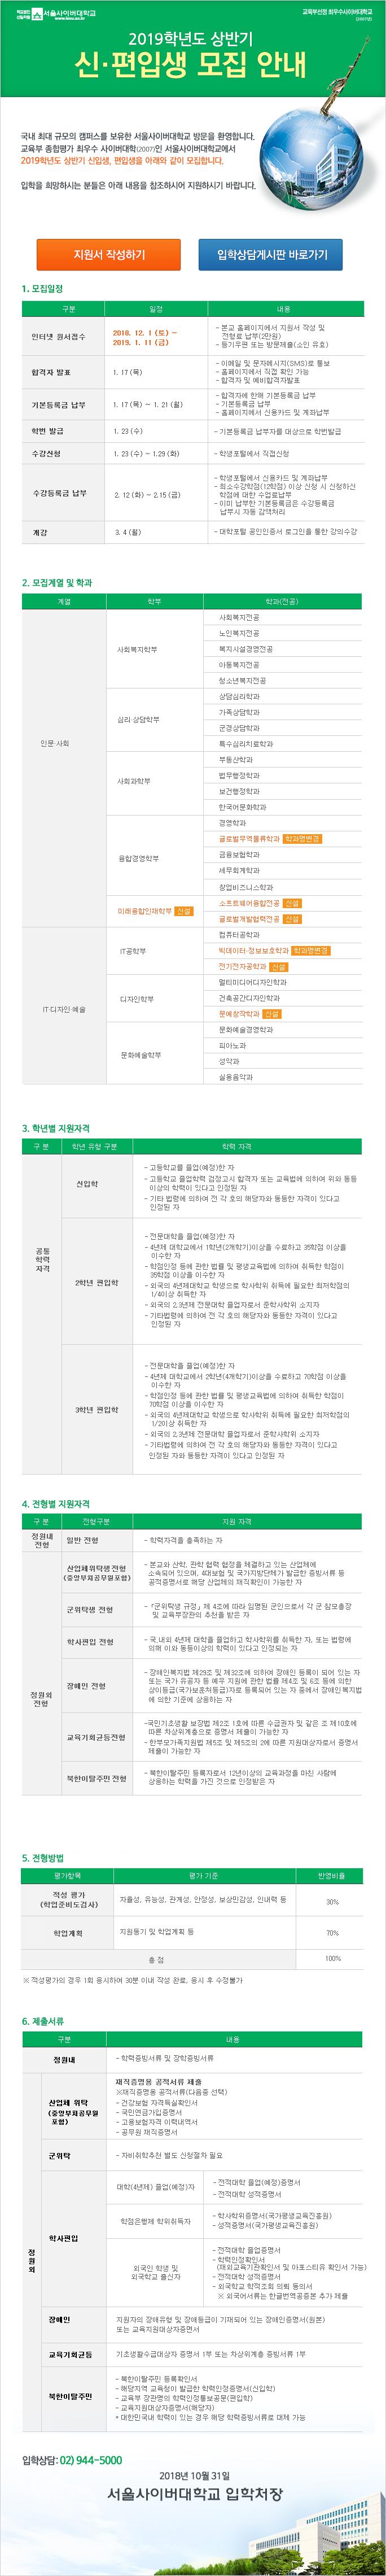 2019학년도 상반기 신·편입생 모집 안내